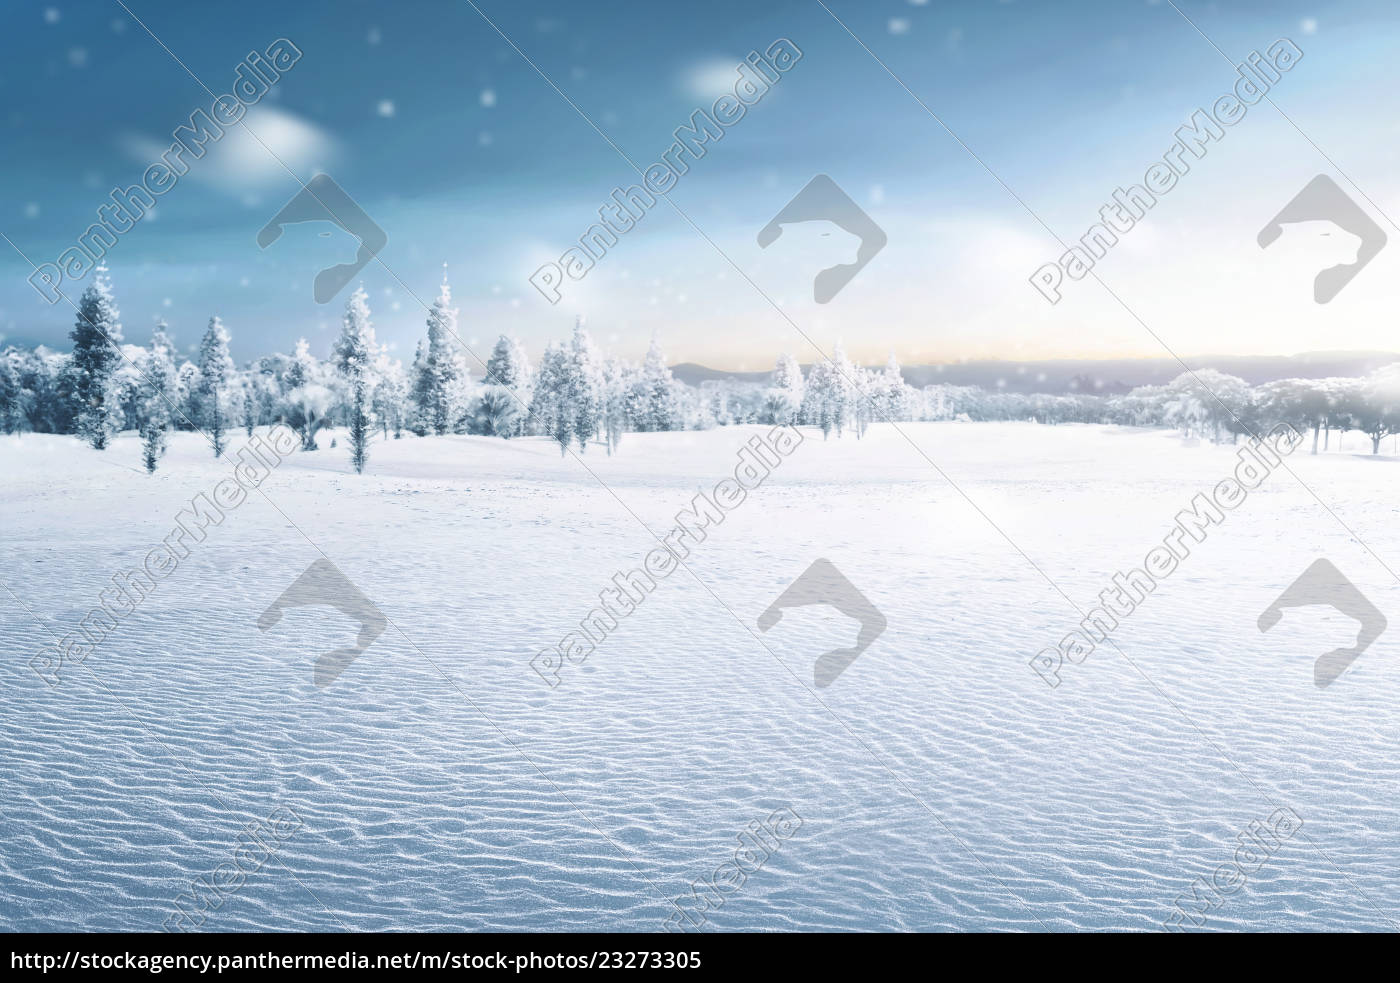 landschaft, des, schneebedeckten, feldes, mit, gefrorenen - 23273305